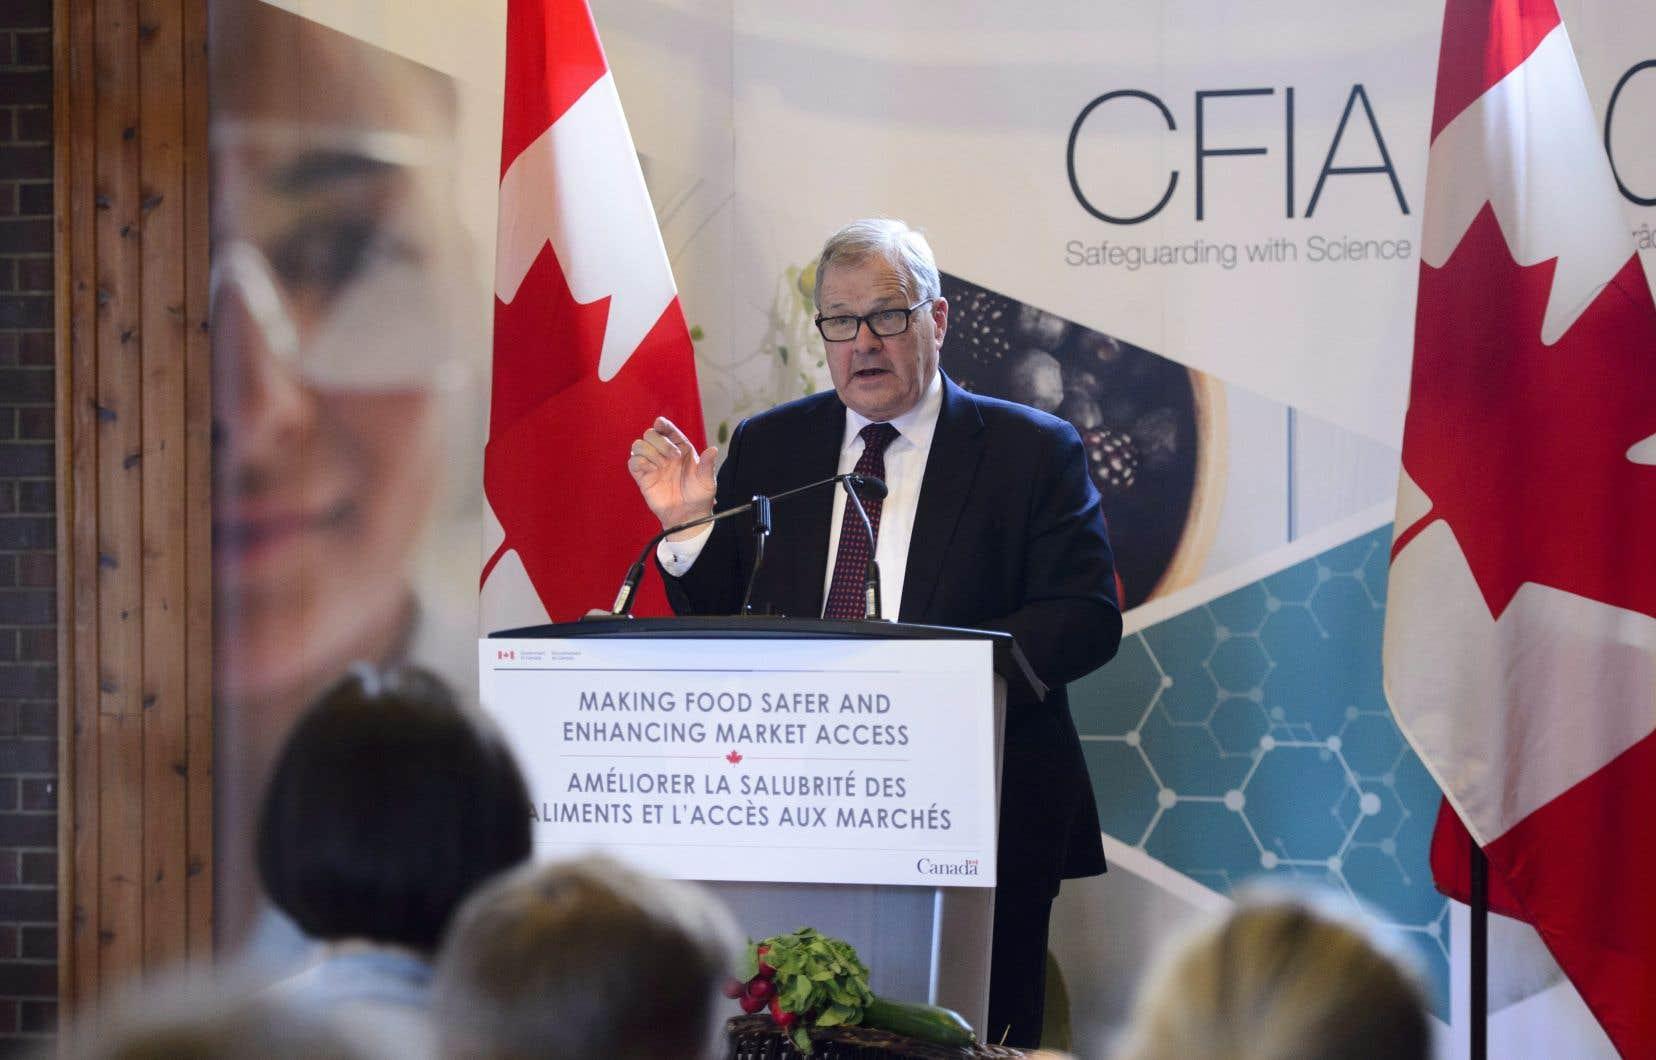 Le ministre de l'Agriculture Lawrence MacAulay en conférence de presse ce mercredi à Ottawa